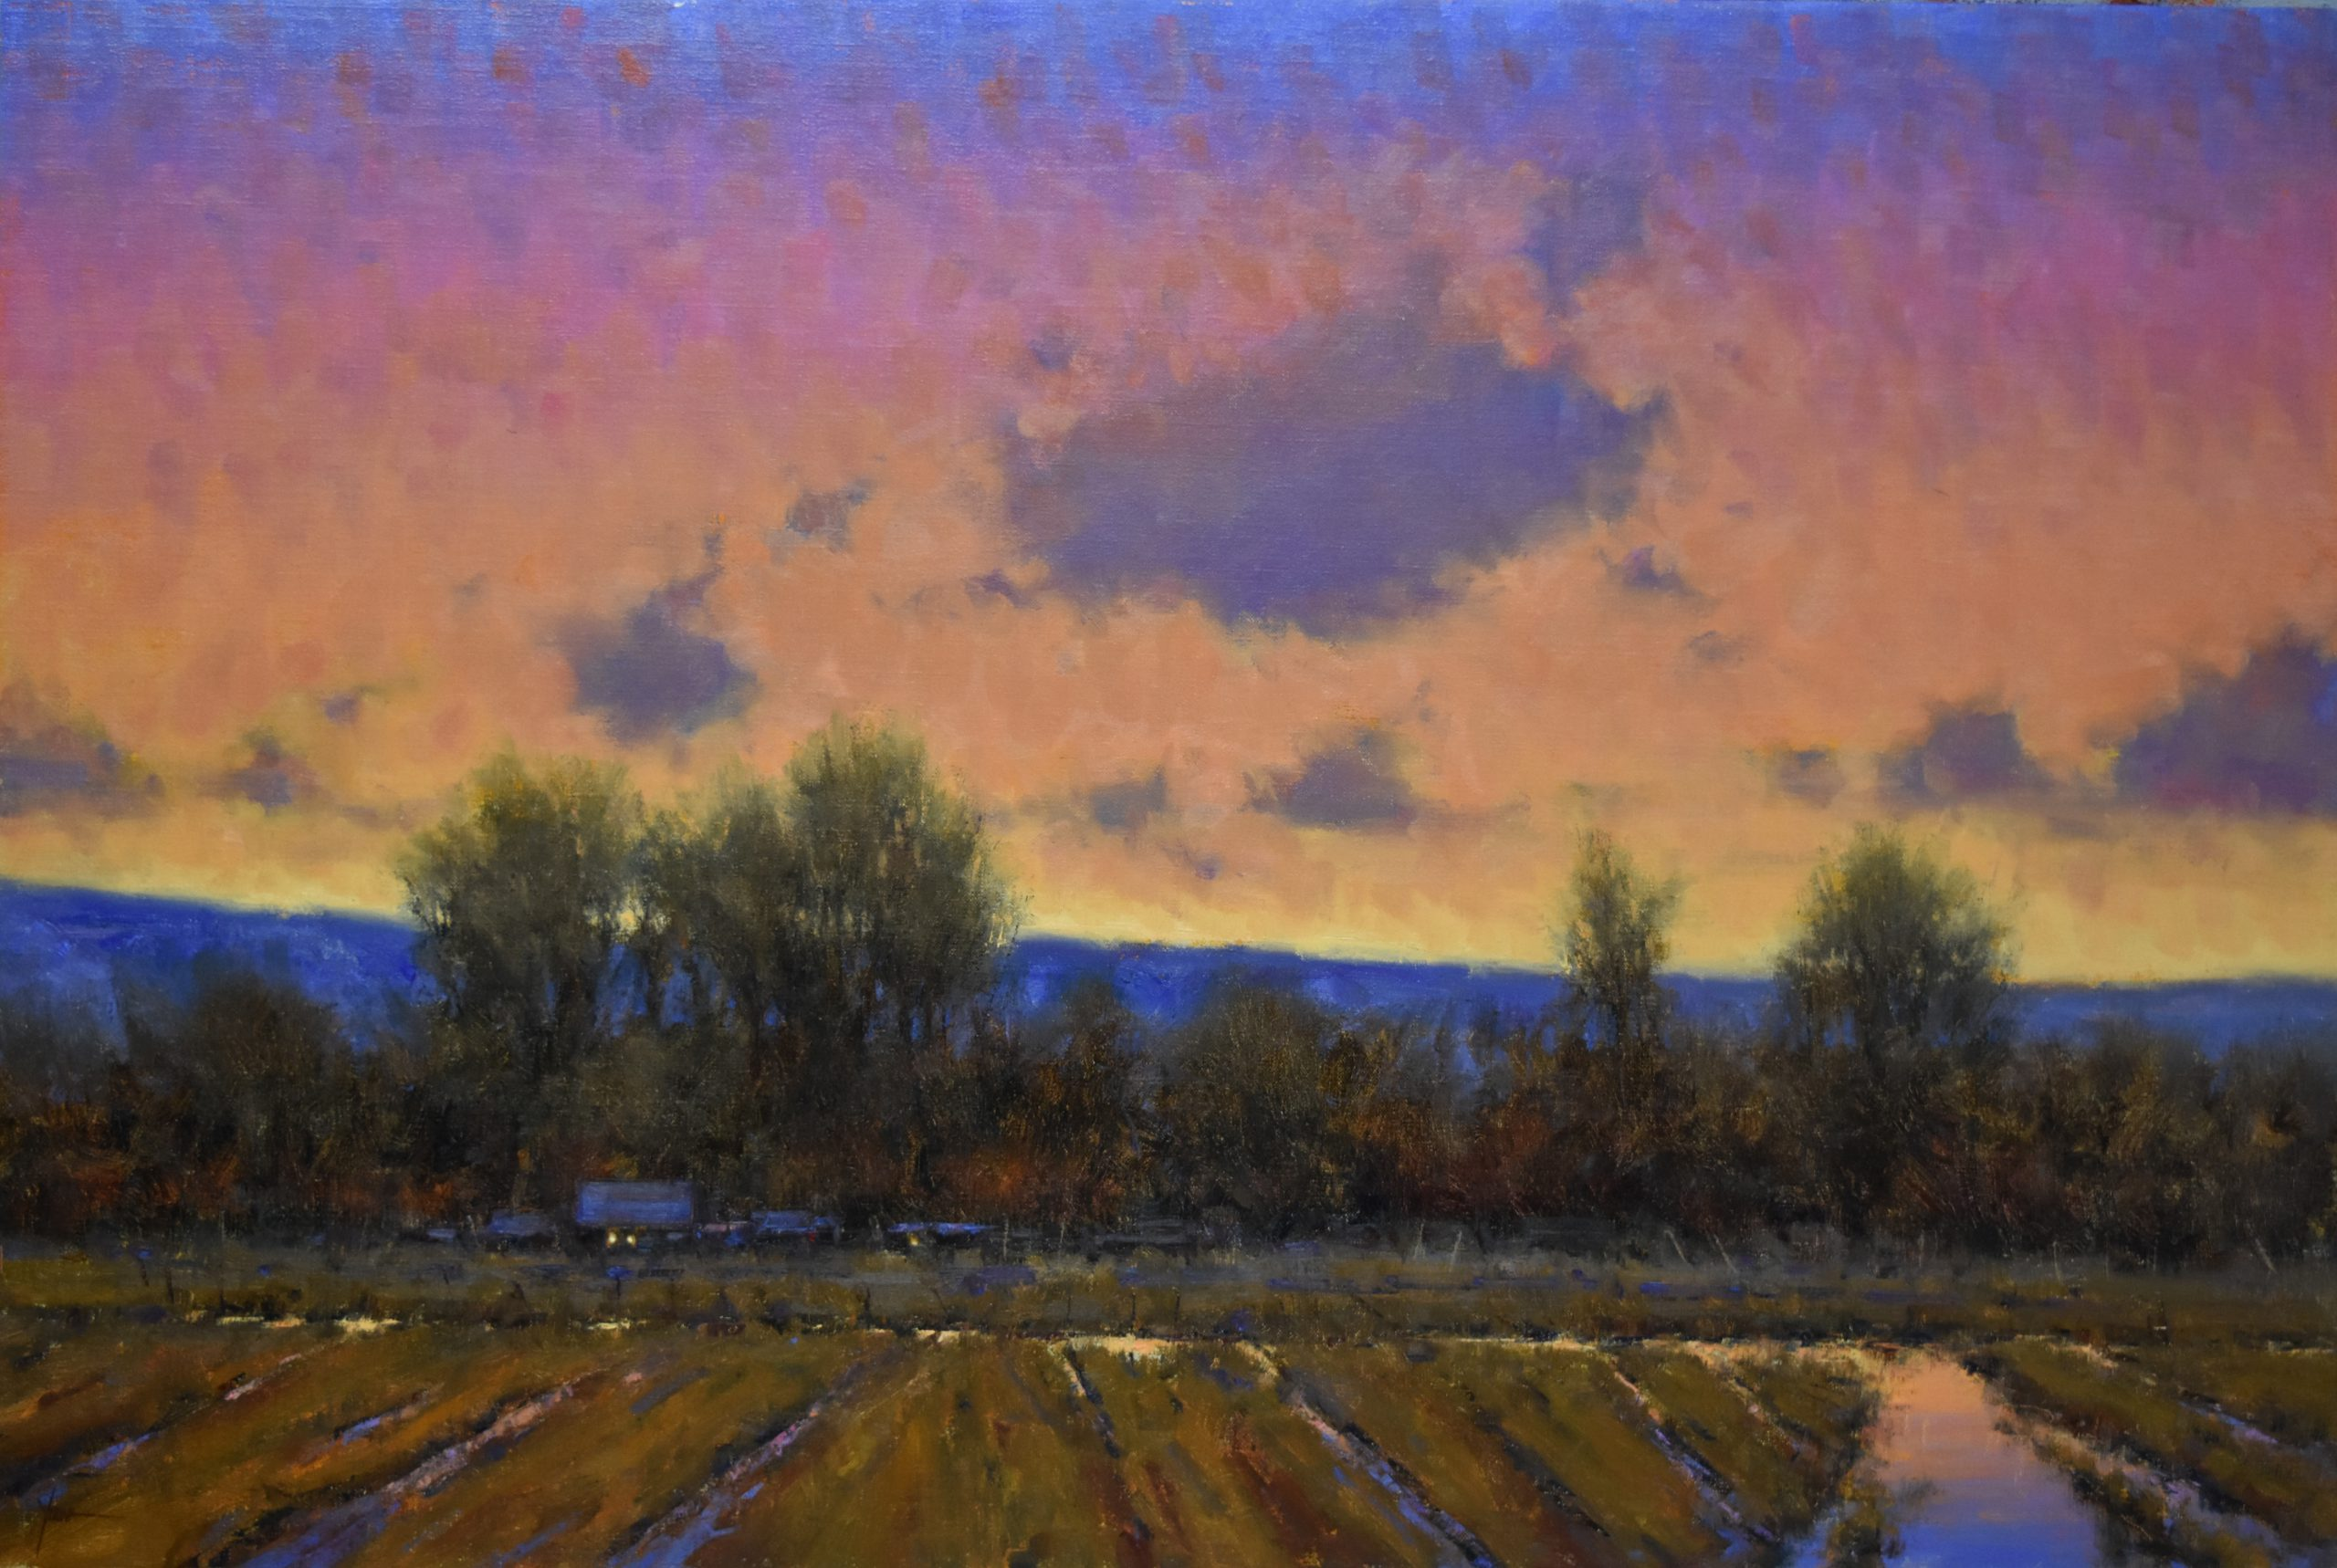 Dan Young - Evening Enchantment